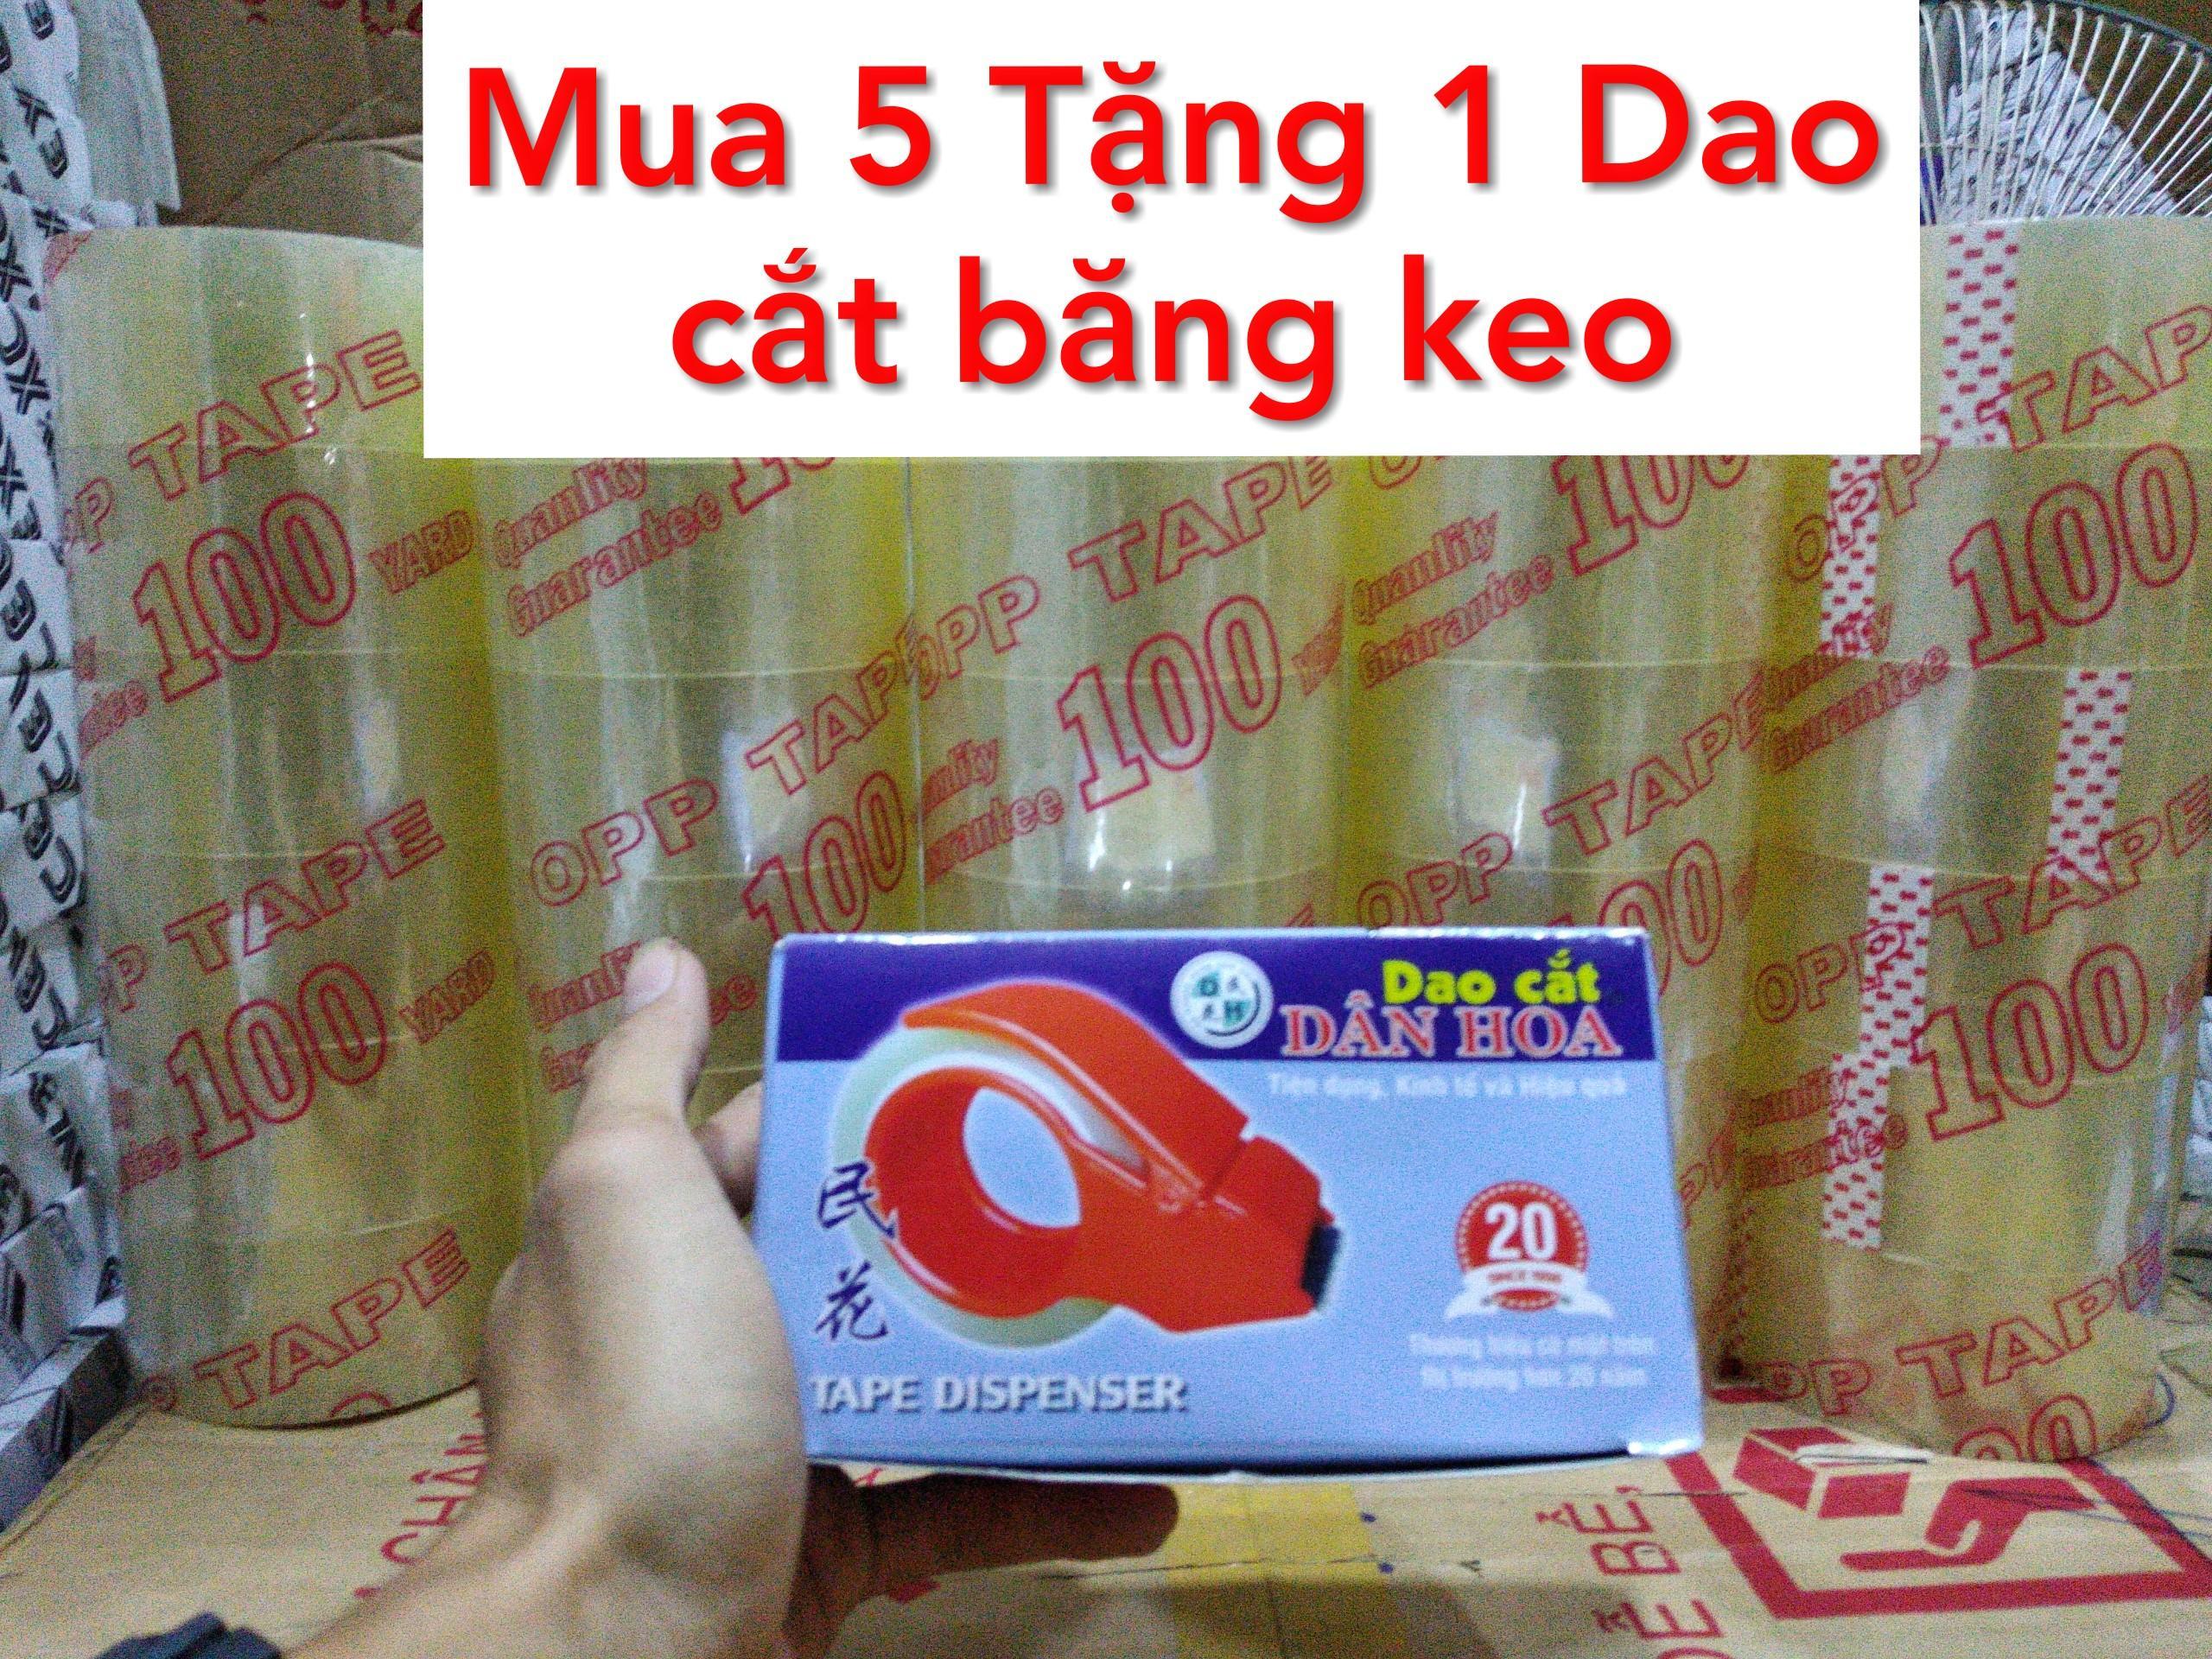 Mua Compo 6 Cuộn Băng Keo 100Yard - Gói Hàng - Văn Phòng Phẩm